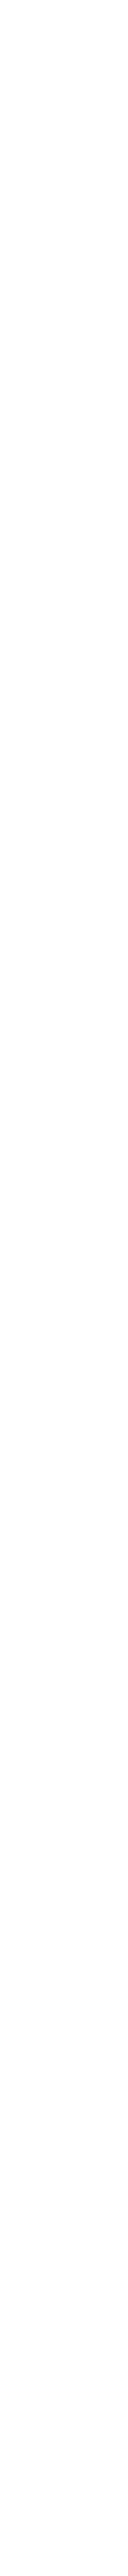 【可编辑】Unlock-AY-LDC1000 用户手册-V1.0